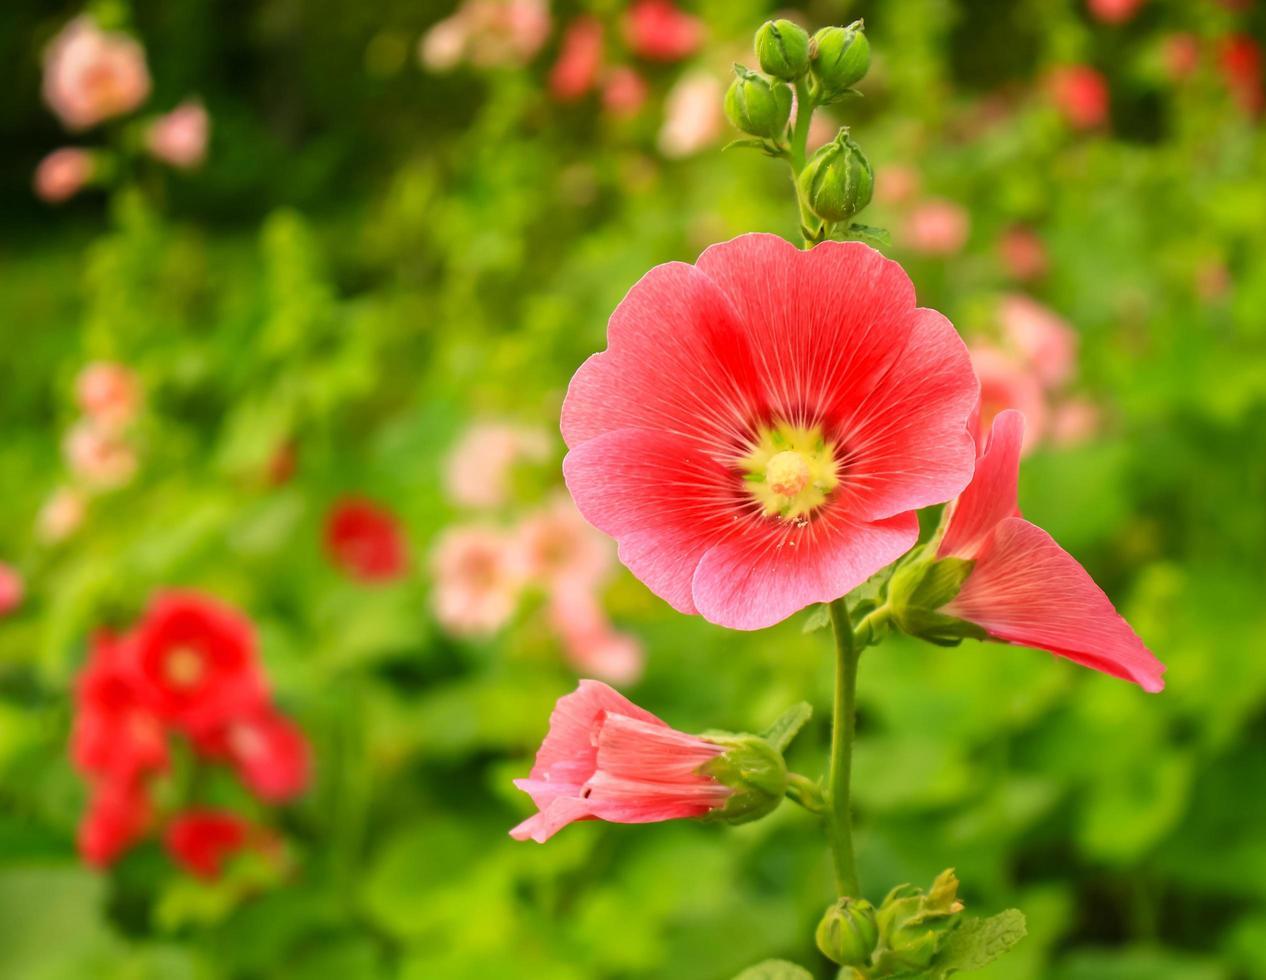 rode malva bloemen bloeien in een tuin foto